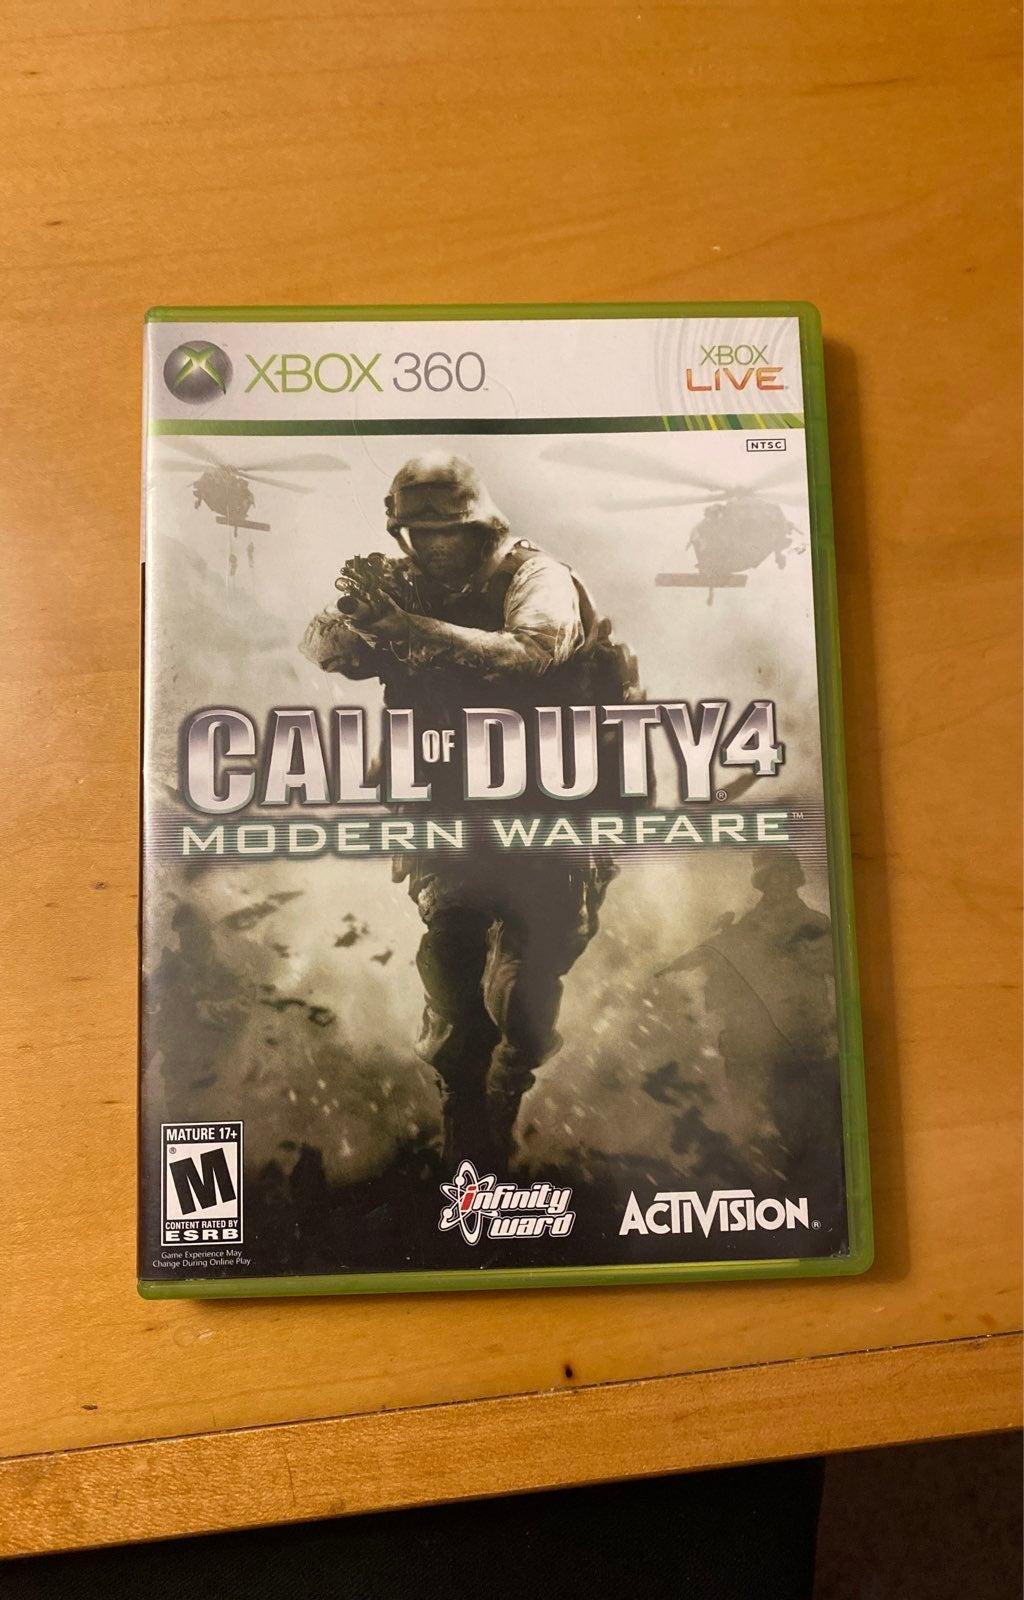 Call of Duty 4: Modern Warfare on Xbox 3